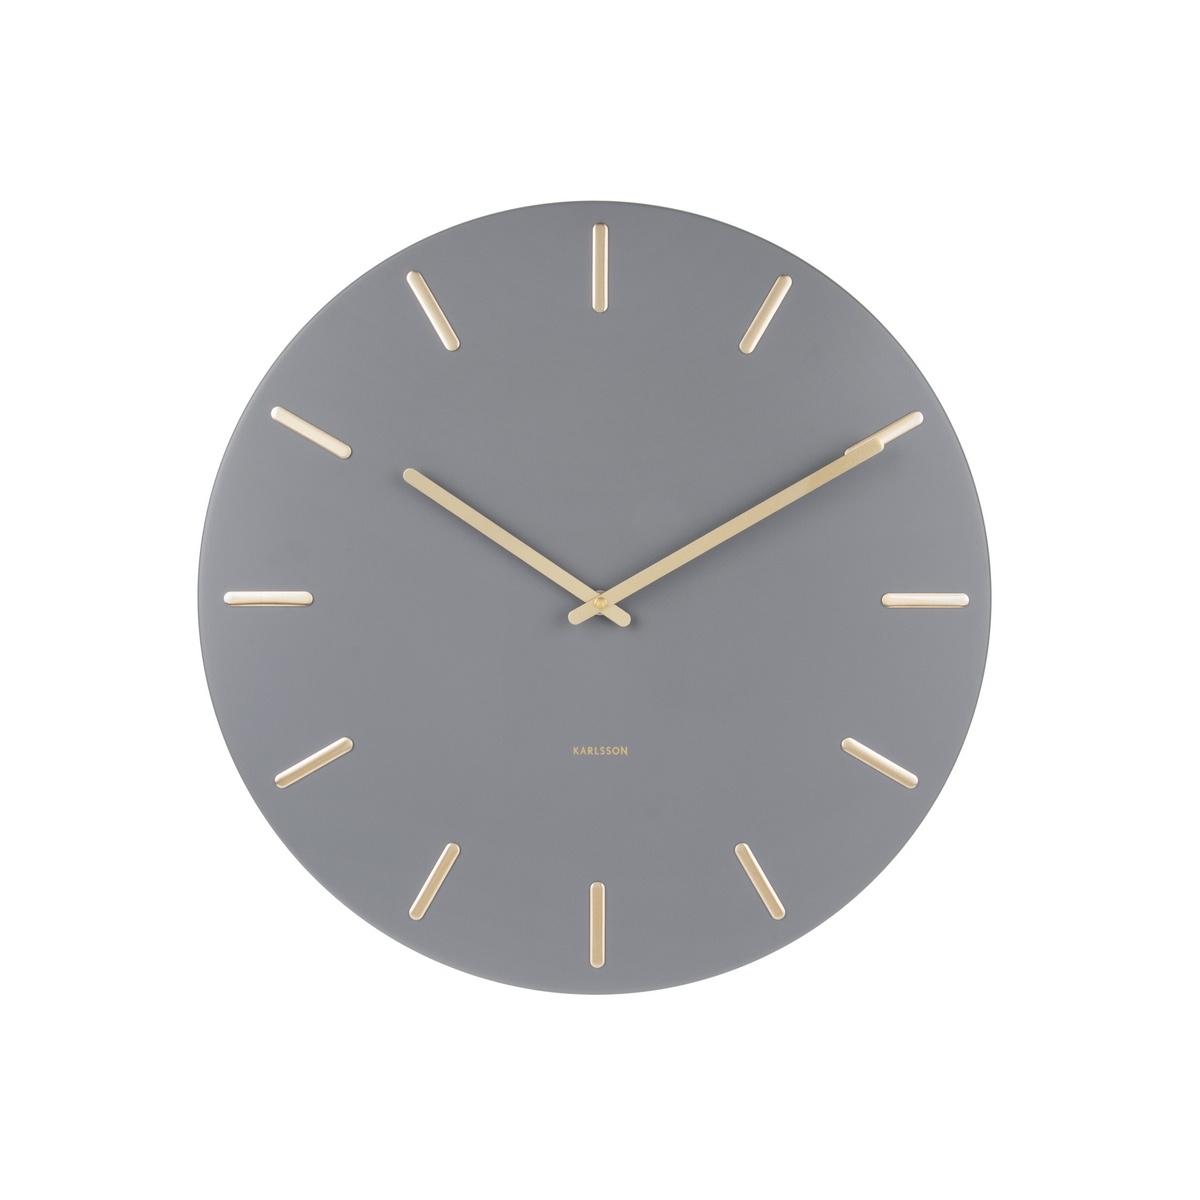 Karlsson 5716GY Designové nástěnné hodiny  pr. 45 cm